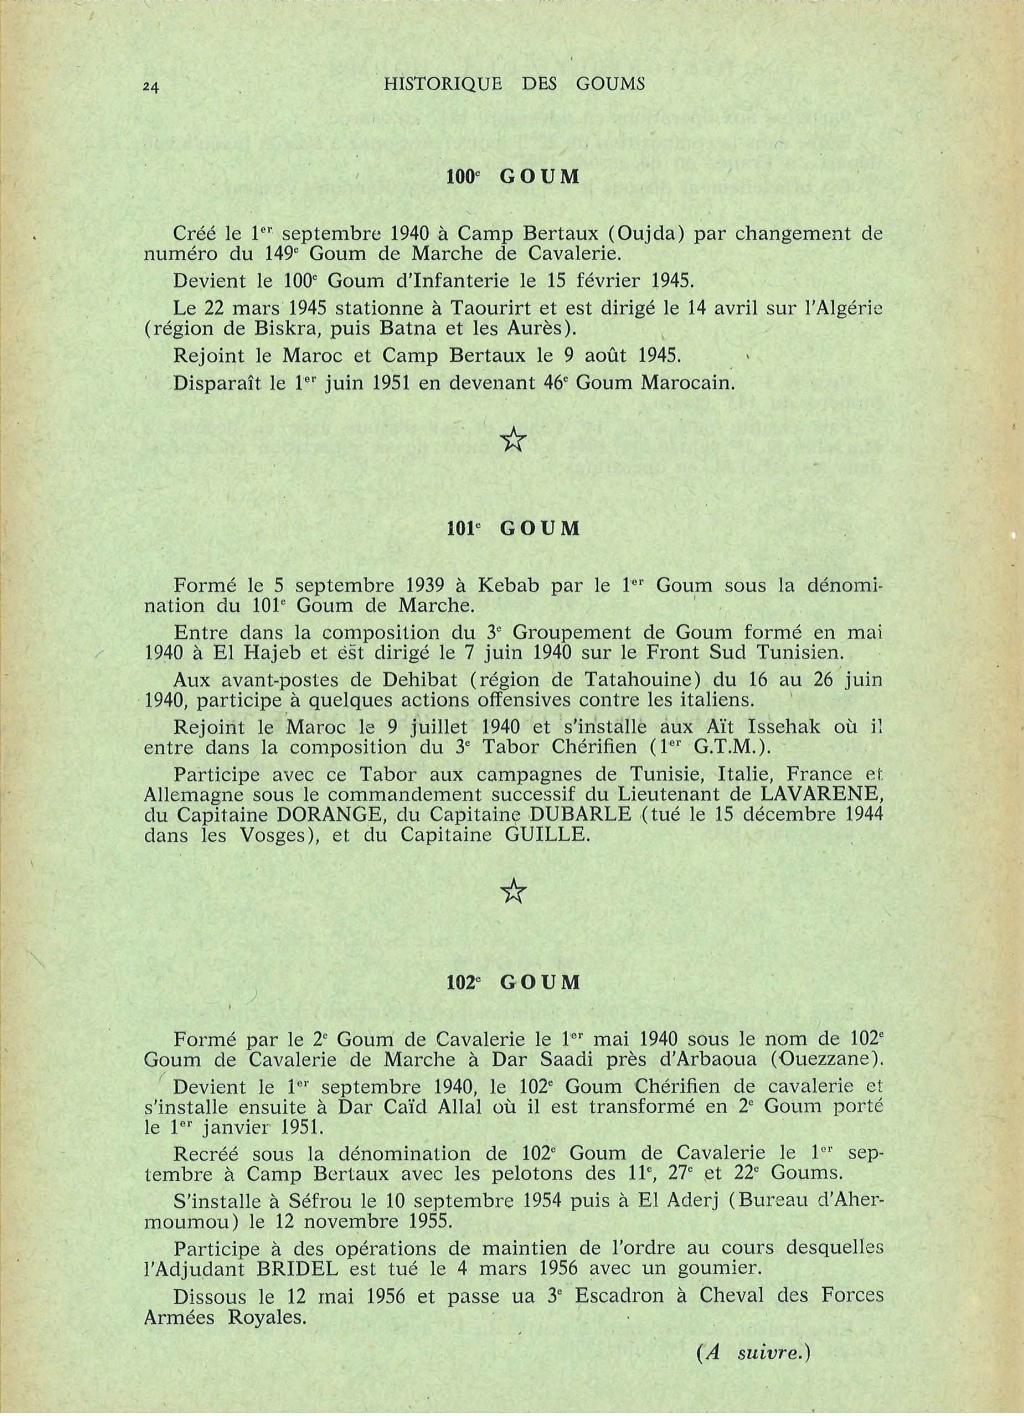 12 mai 1956 - Dissolution des Goumiers & integration aux FAR La_kou50